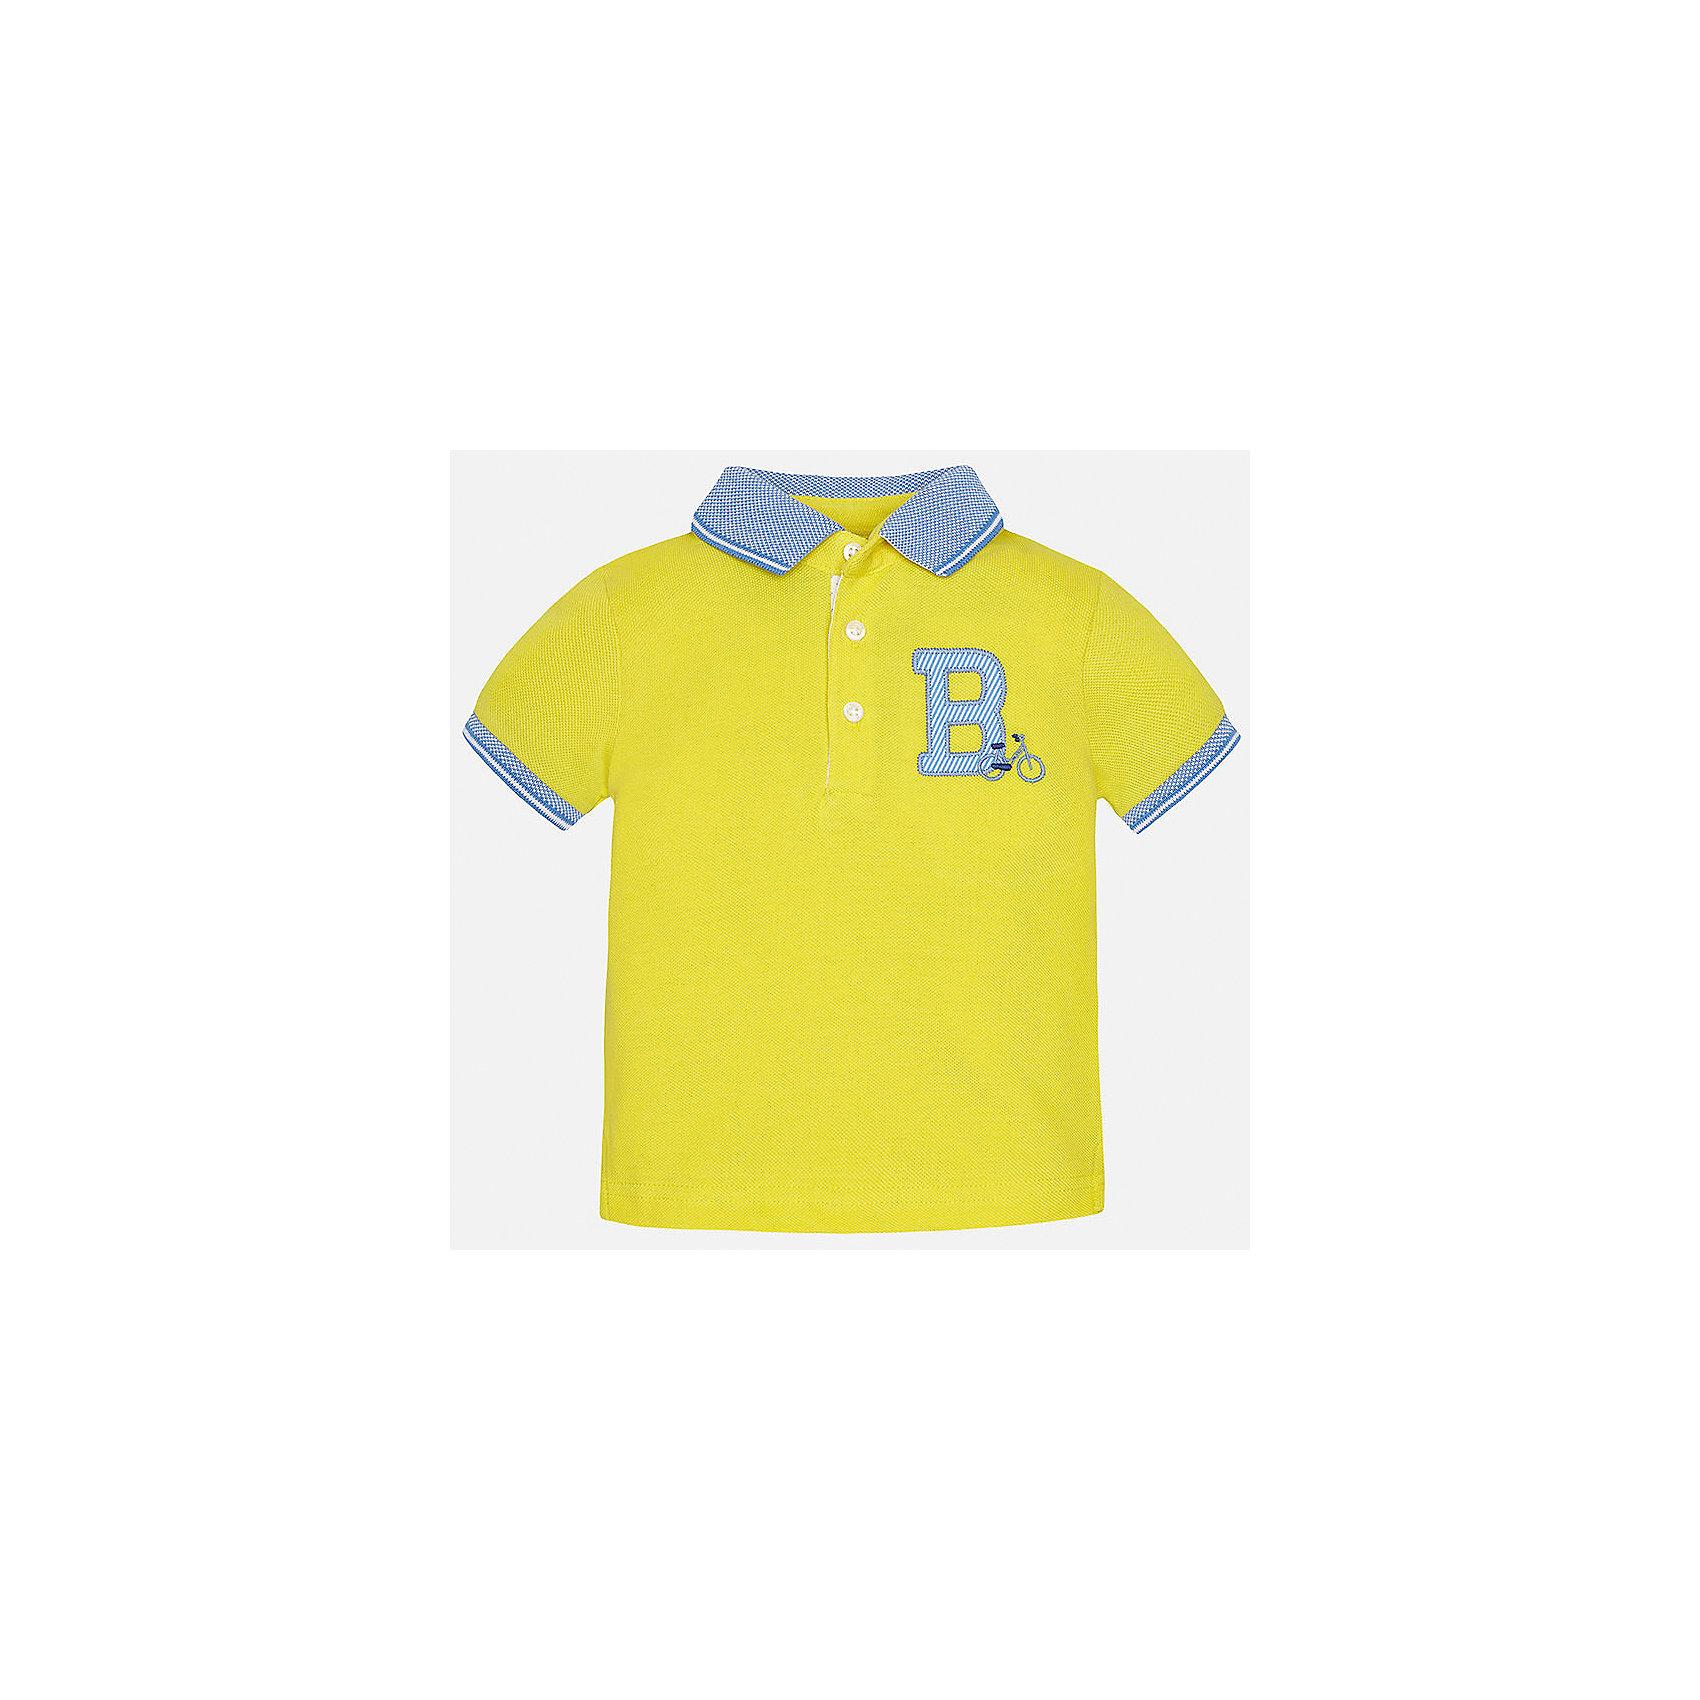 Футболка-поло для мальчика MayoralФутболки, топы<br>Характеристики товара:<br><br>• цвет: желтый<br>• состав: 100% хлопок<br>• отложной воротник<br>• короткие рукава<br>• застежка: пуговицы<br>• декорирована вышивкой<br>• страна бренда: Испания<br><br>Футболка-поло для мальчика может стать базовой вещью в гардеробе ребенка. Она отлично сочетается с брюками, шортами, джинсами и т.д. Универсальный крой и цвет позволяет подобрать к вещи низ разных расцветок. Практичное и стильное изделие! В составе материала - только натуральный хлопок, гипоаллергенный, приятный на ощупь, дышащий.<br><br>Одежда, обувь и аксессуары от испанского бренда Mayoral полюбились детям и взрослым по всему миру. Модели этой марки - стильные и удобные. Для их производства используются только безопасные, качественные материалы и фурнитура. Порадуйте ребенка модными и красивыми вещами от Mayoral! <br><br>Футболку-поло для мальчика от испанского бренда Mayoral (Майорал) можно купить в нашем интернет-магазине.<br><br>Ширина мм: 230<br>Глубина мм: 40<br>Высота мм: 220<br>Вес г: 250<br>Цвет: желтый<br>Возраст от месяцев: 12<br>Возраст до месяцев: 18<br>Пол: Мужской<br>Возраст: Детский<br>Размер: 86,80,92<br>SKU: 5279410